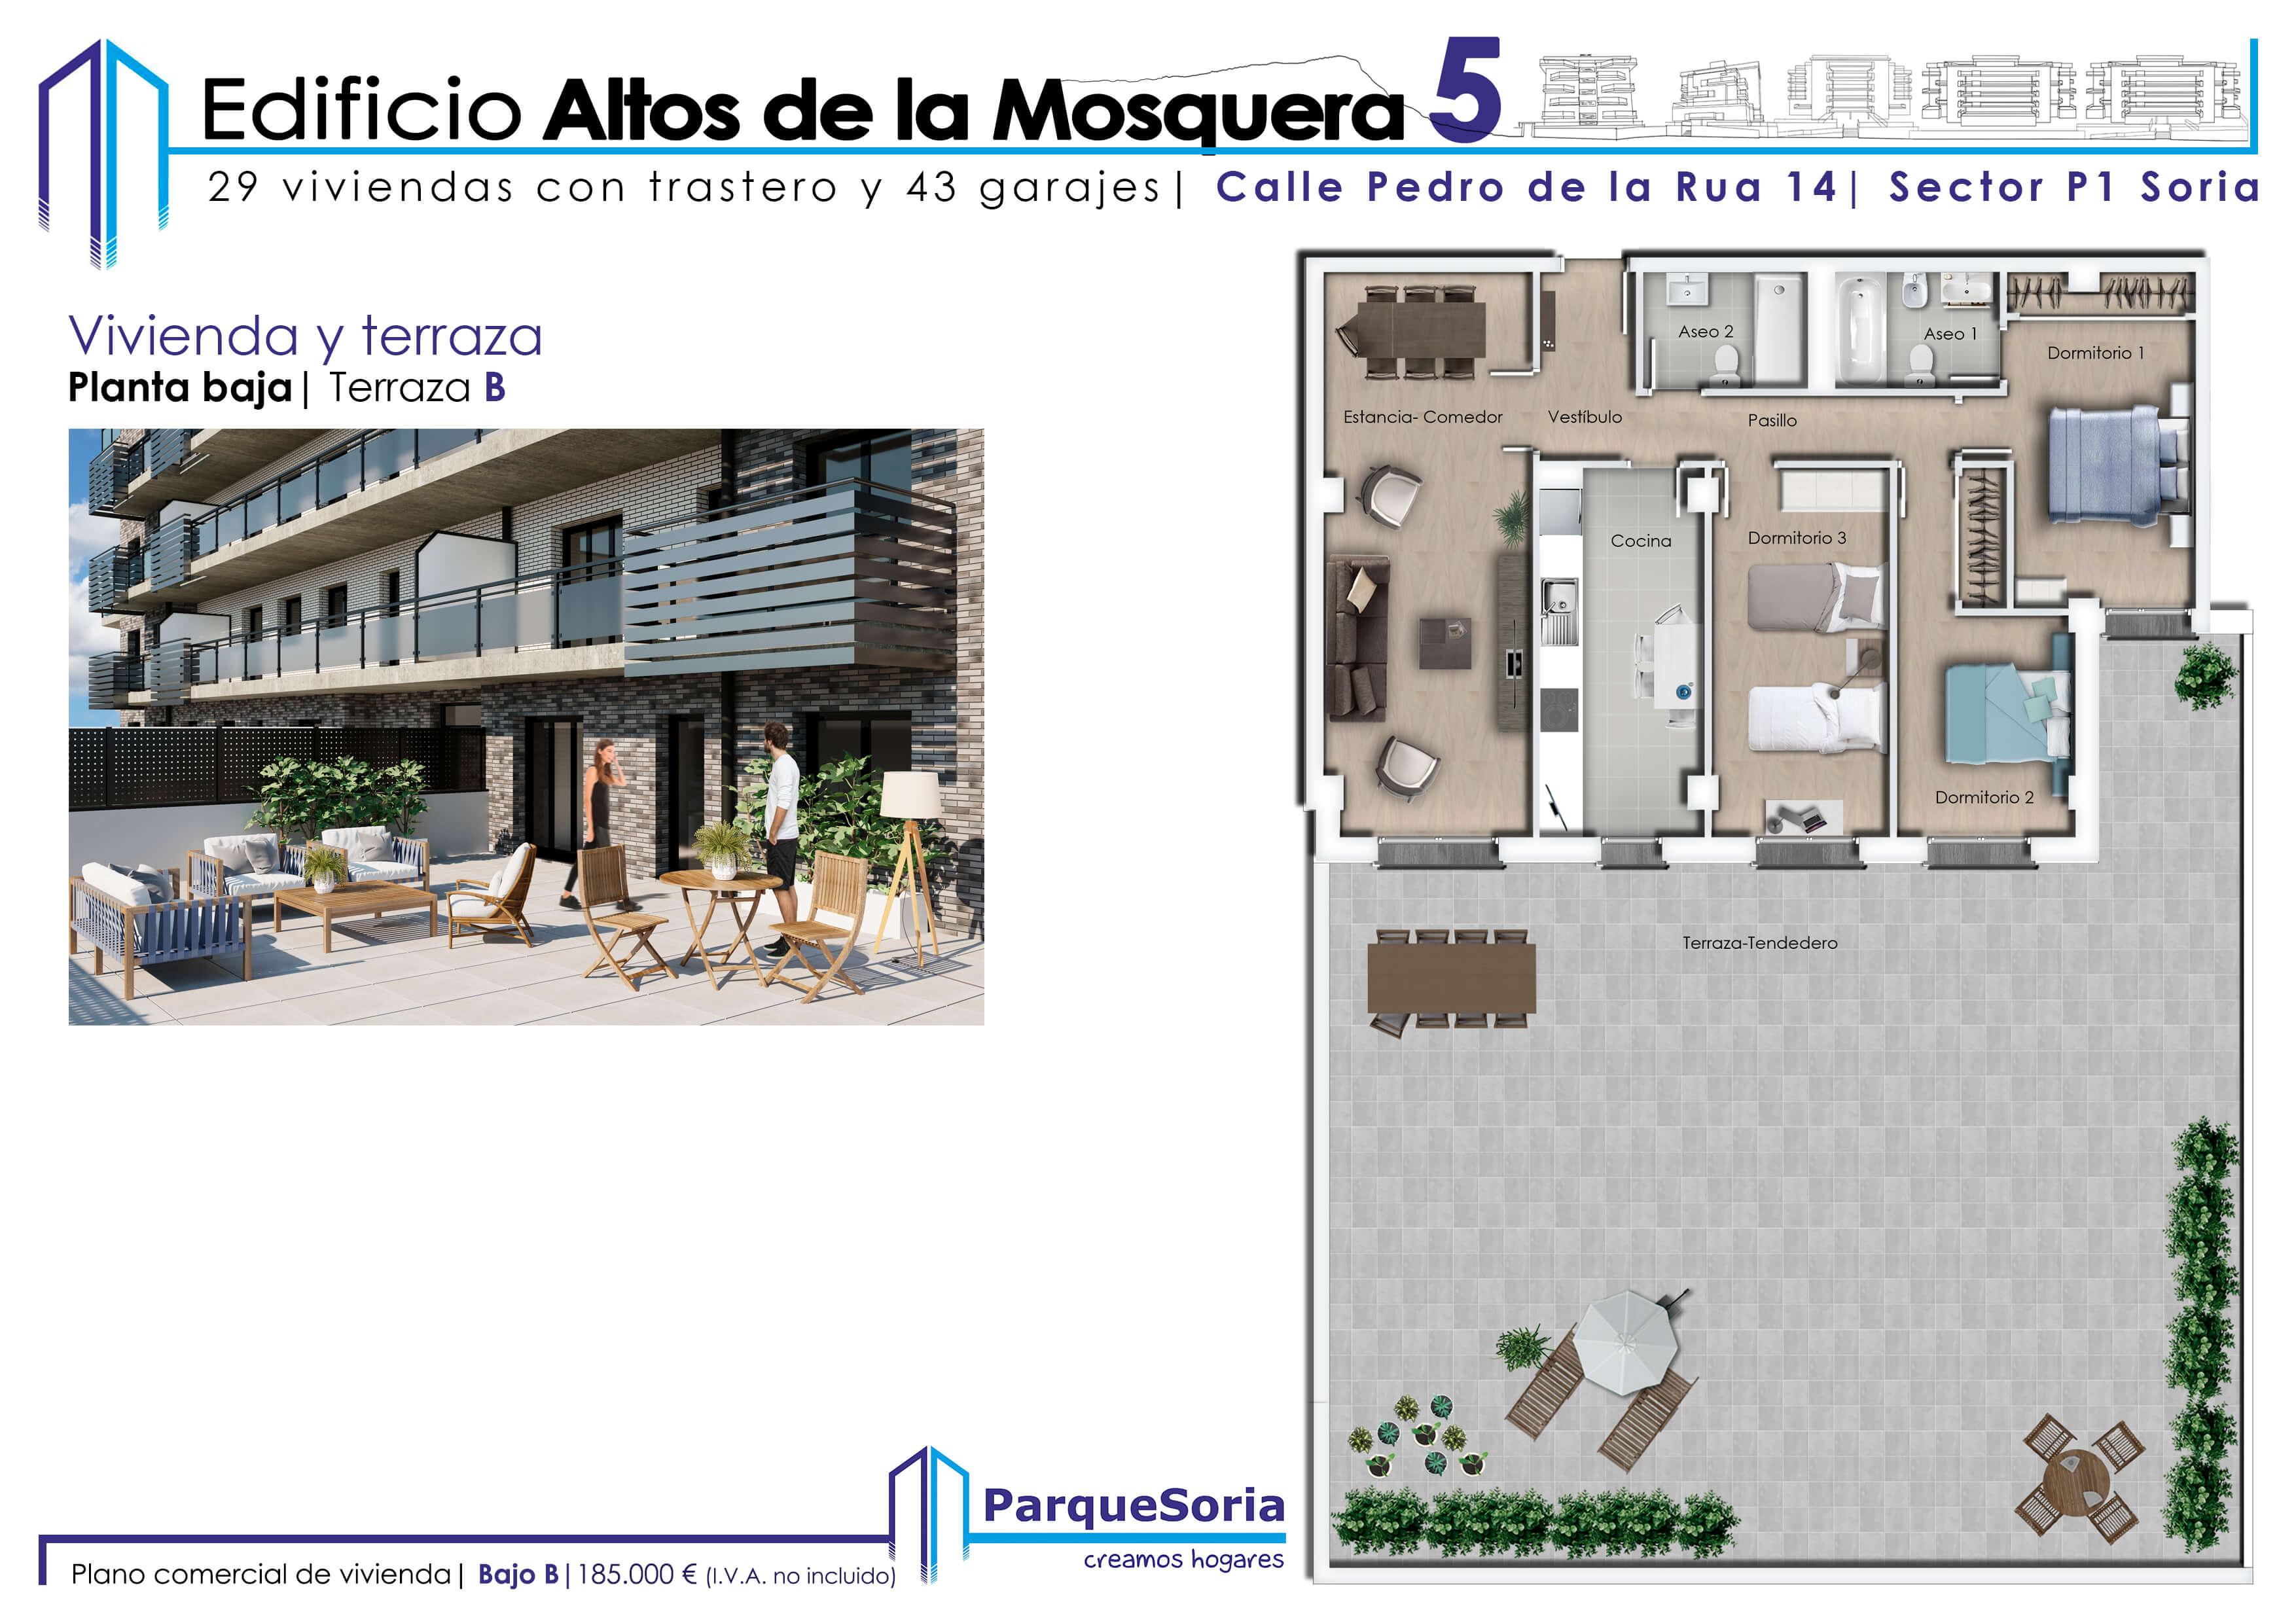 502-vivienda y terraza